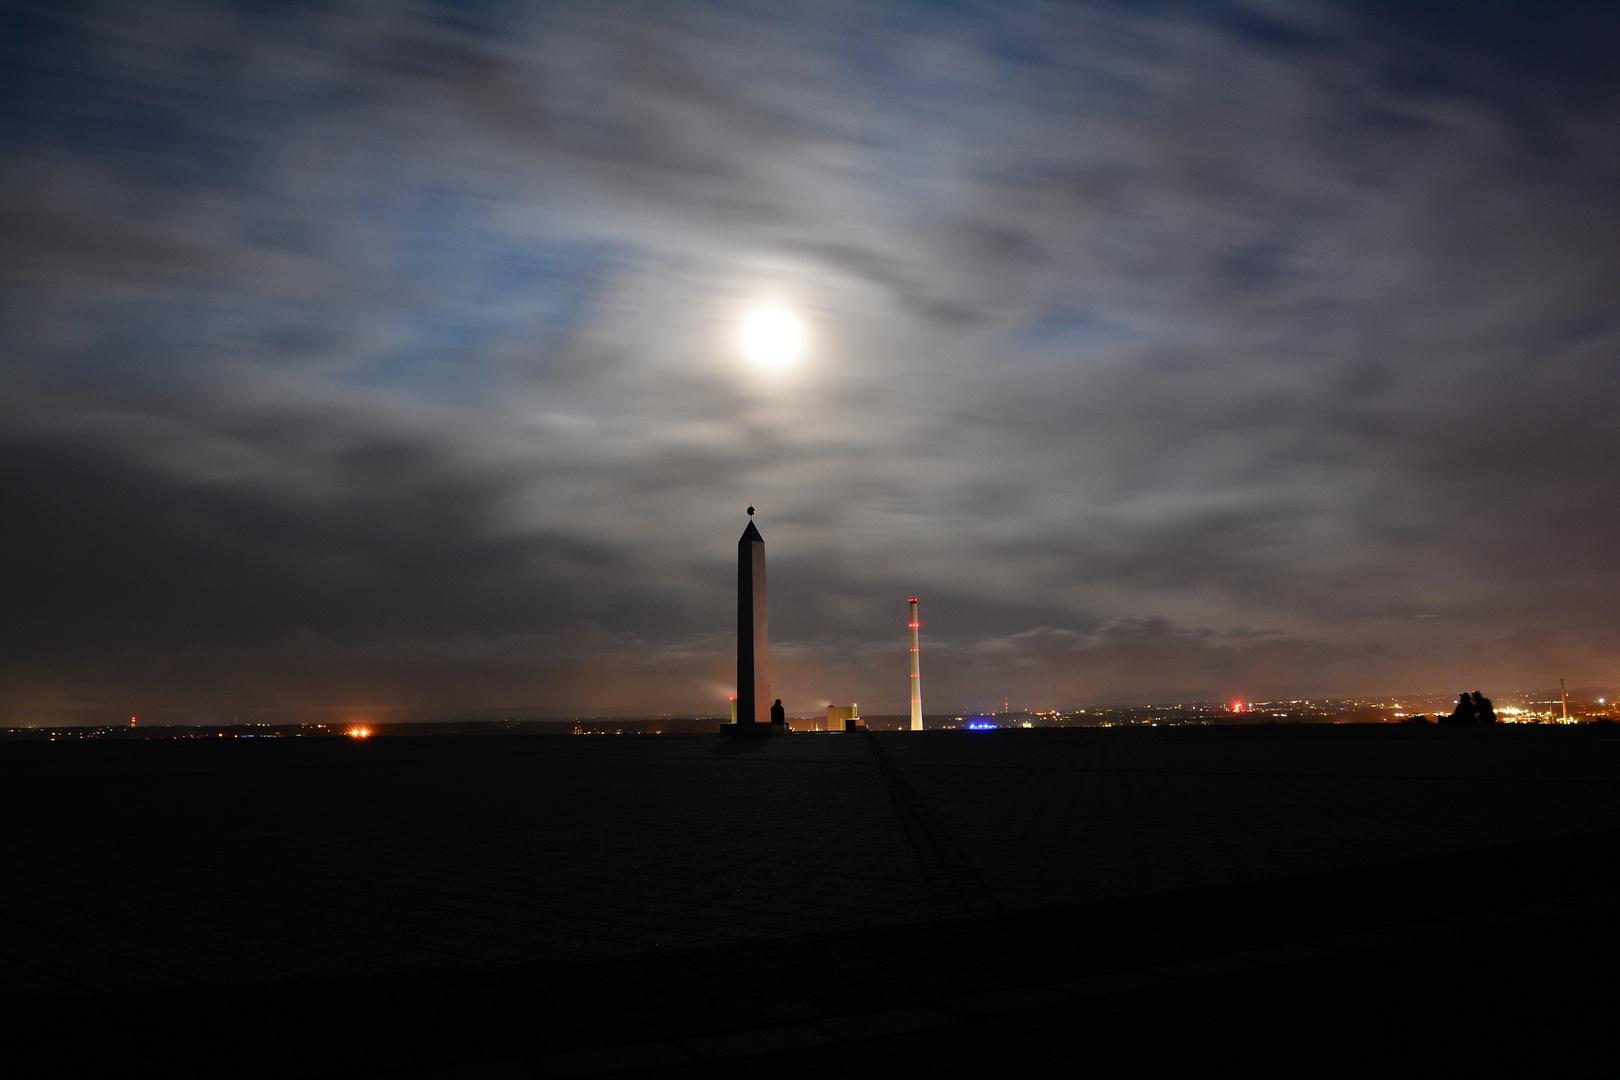 Hoheward bei Nacht